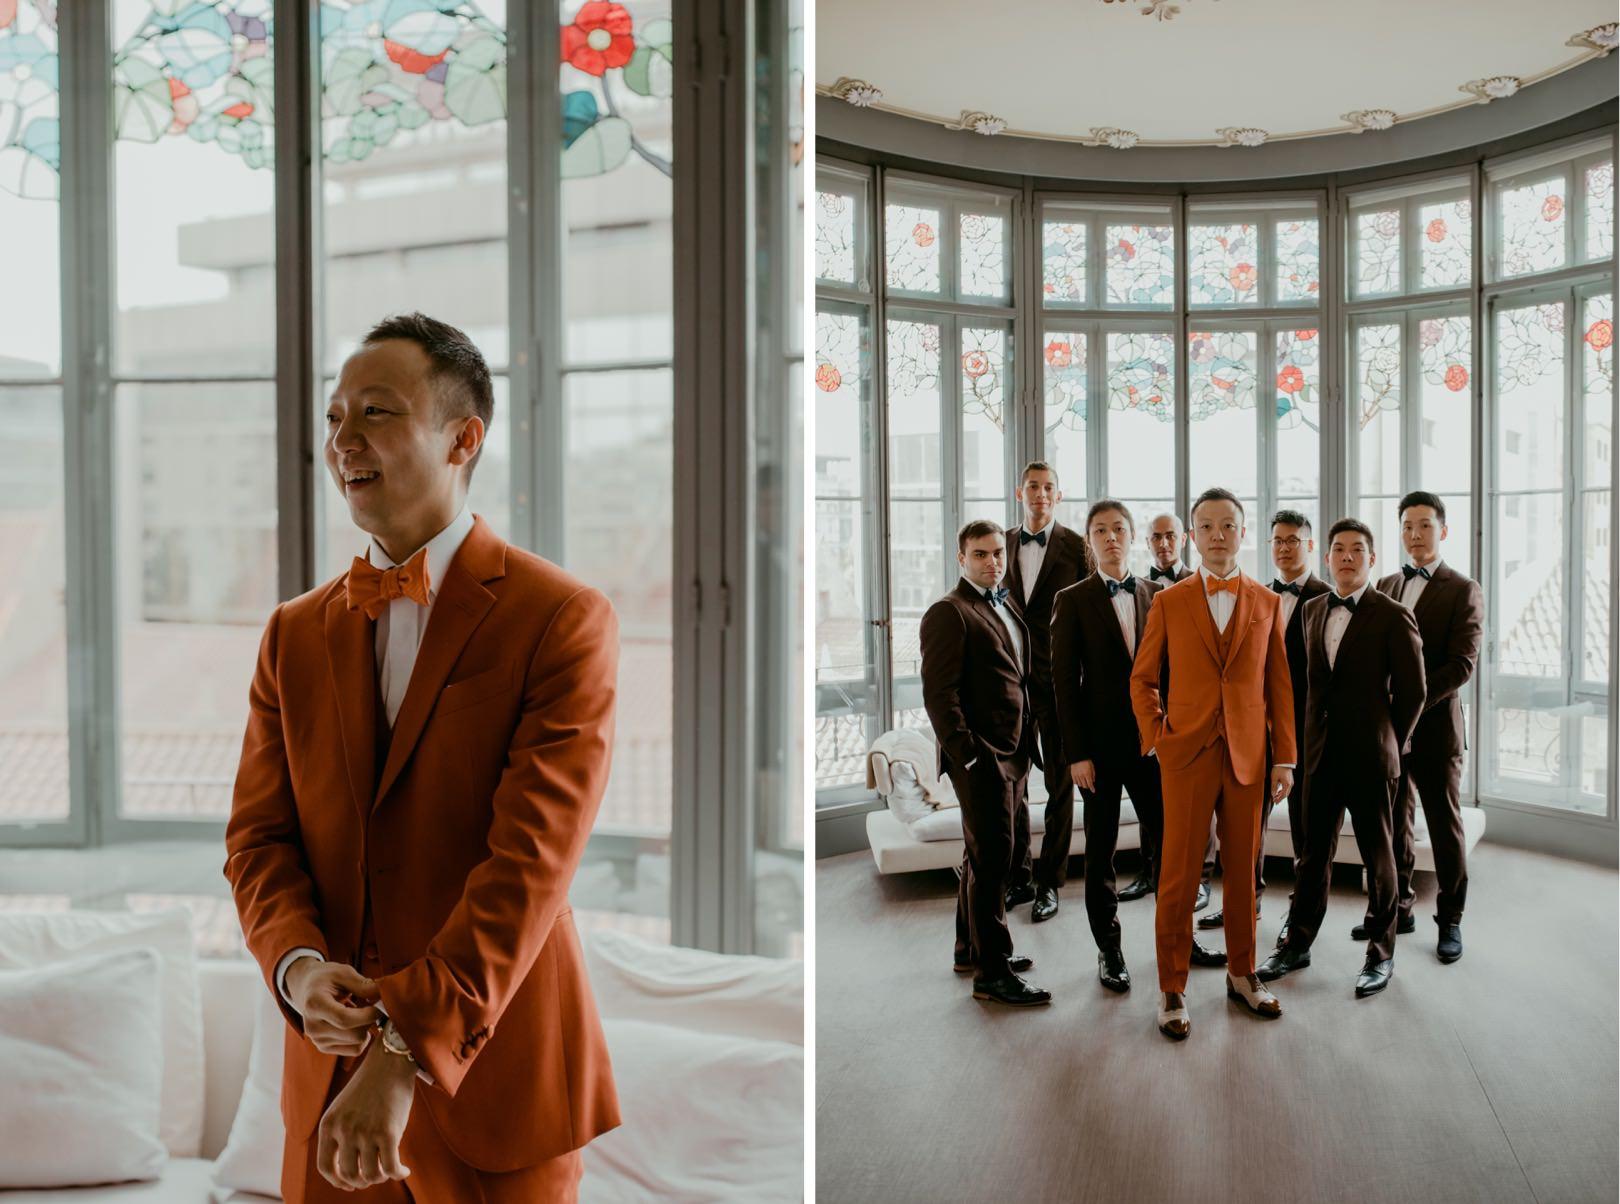 Unique wedding attire at incredible Barcelona Wedding